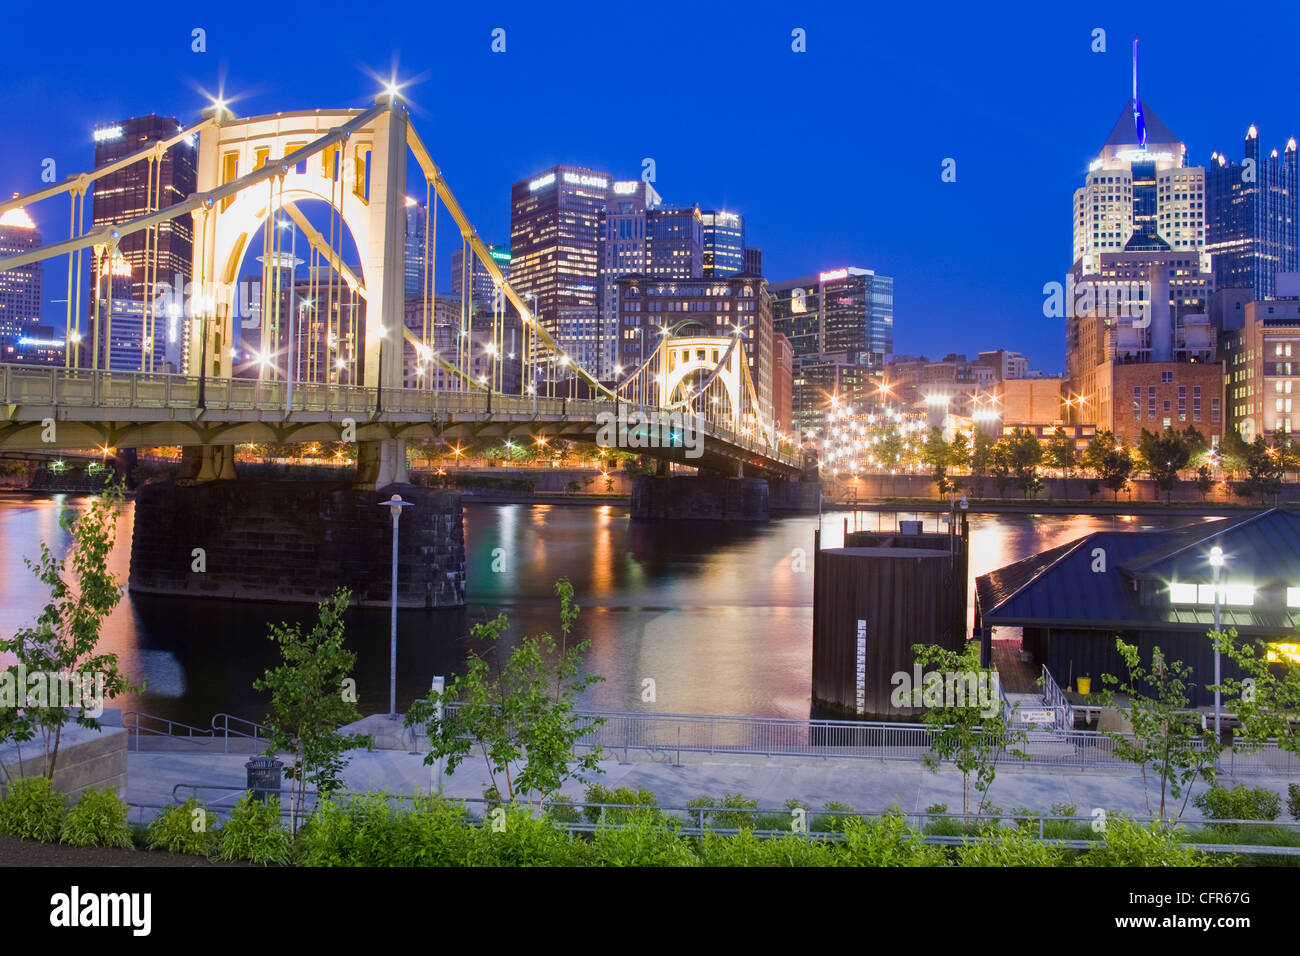 Roberto Clemente Bridge, Pittsburgh, Pennsylvanie, États-Unis d'Amérique, Amérique du Nord Photo Stock